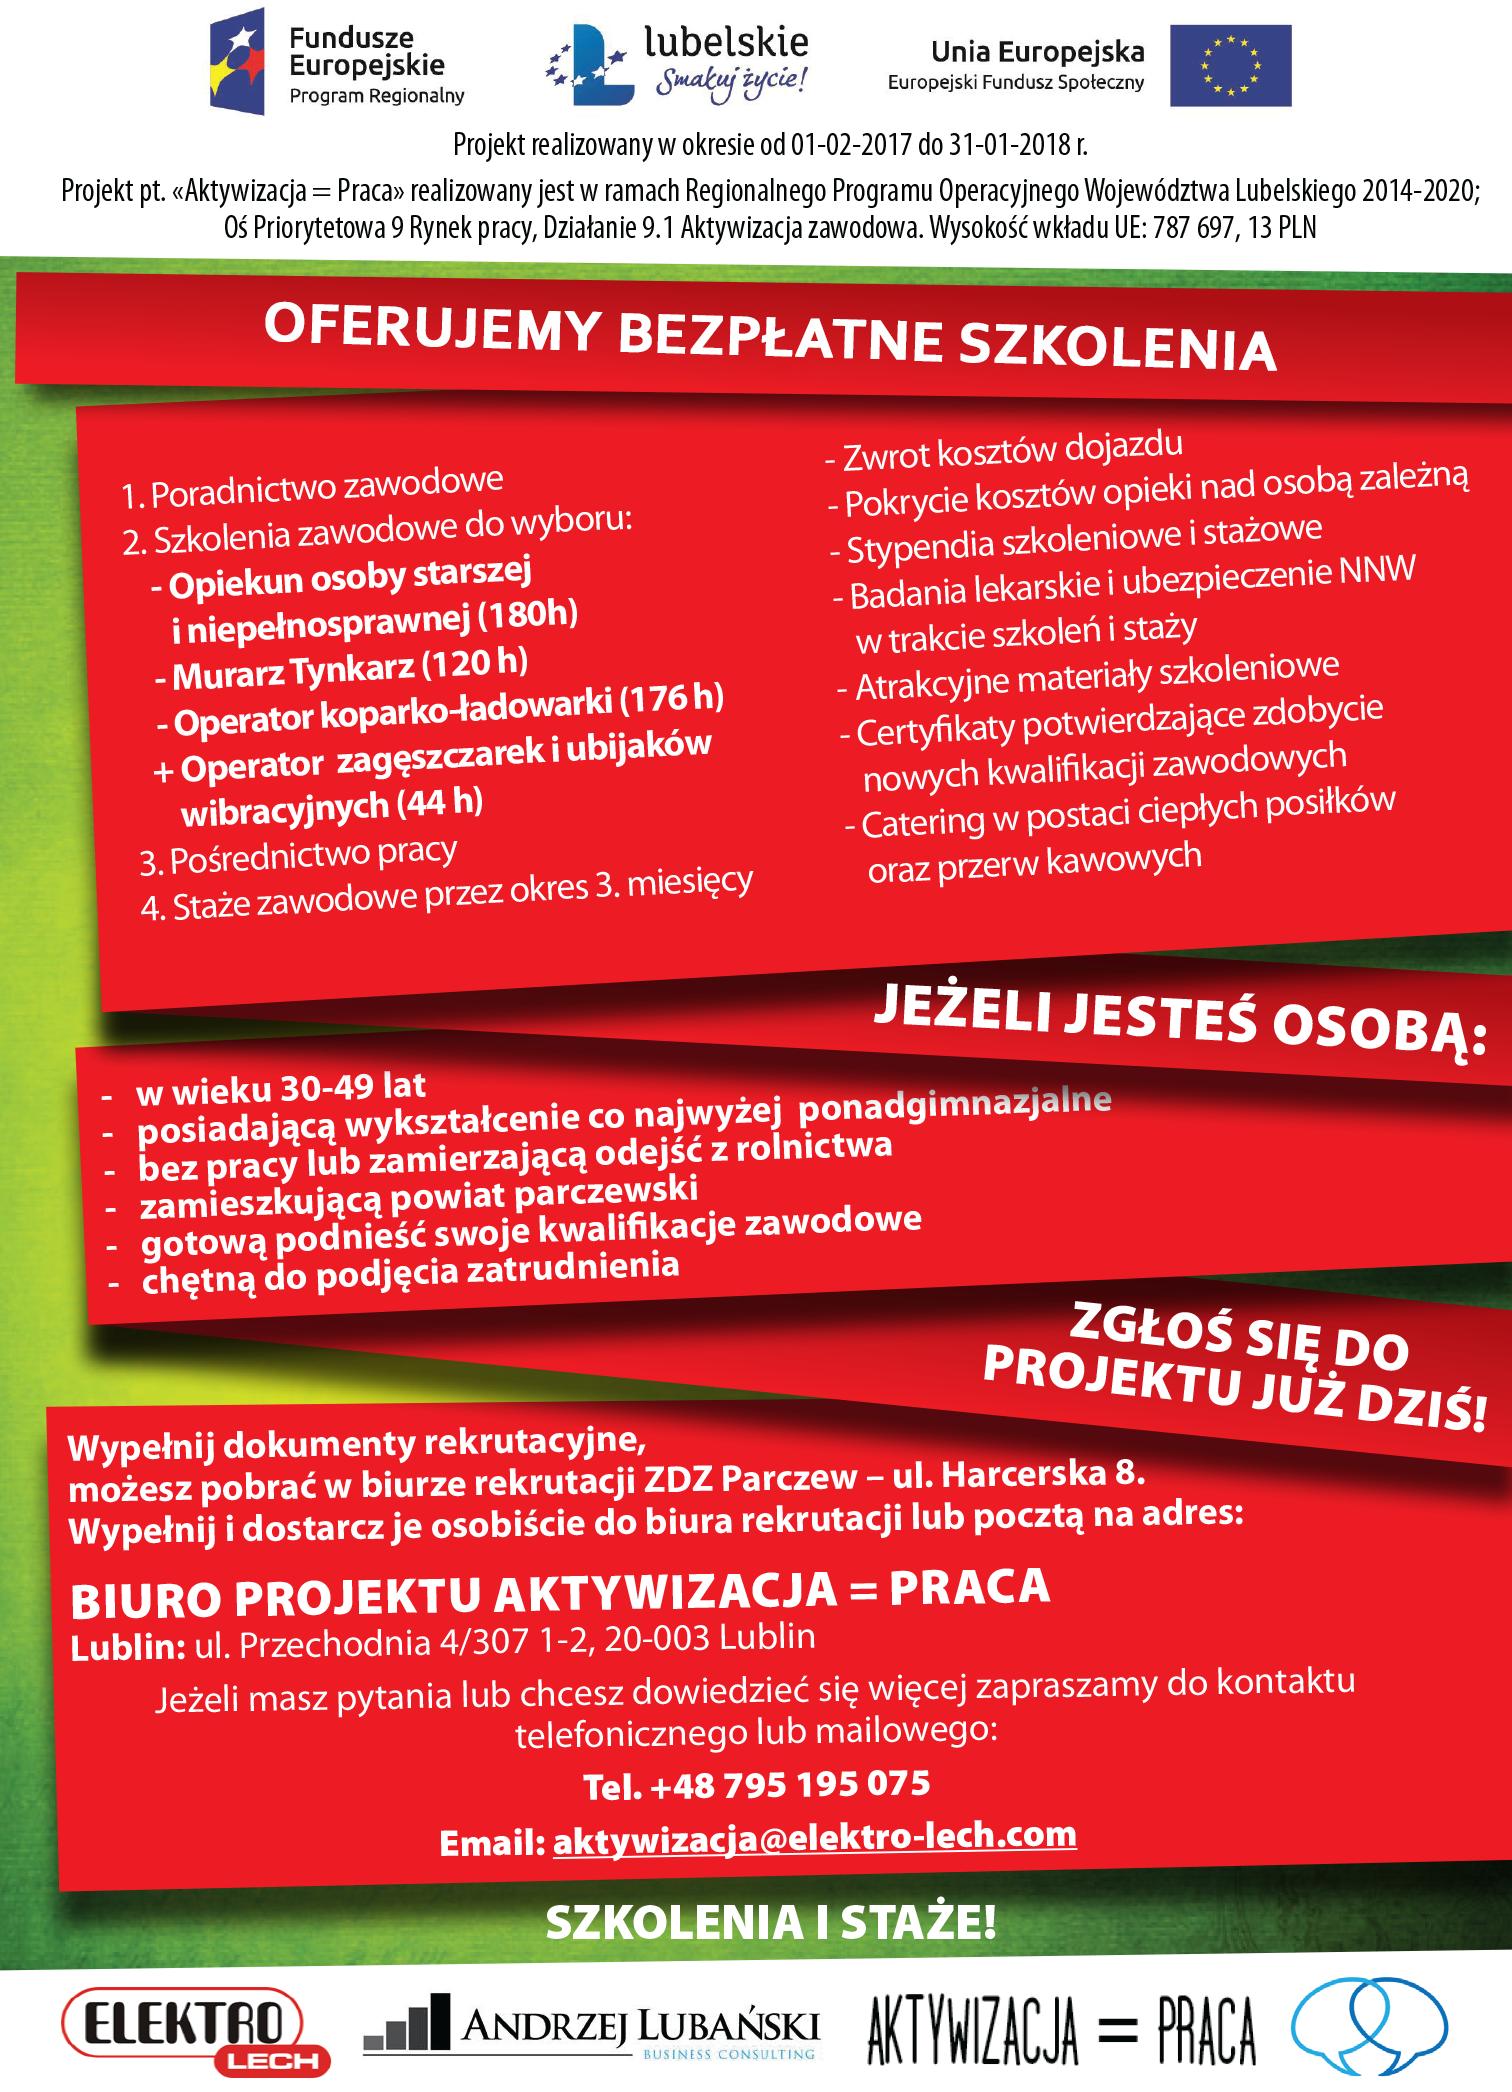 Randki w Europie Wschodniej za darmo